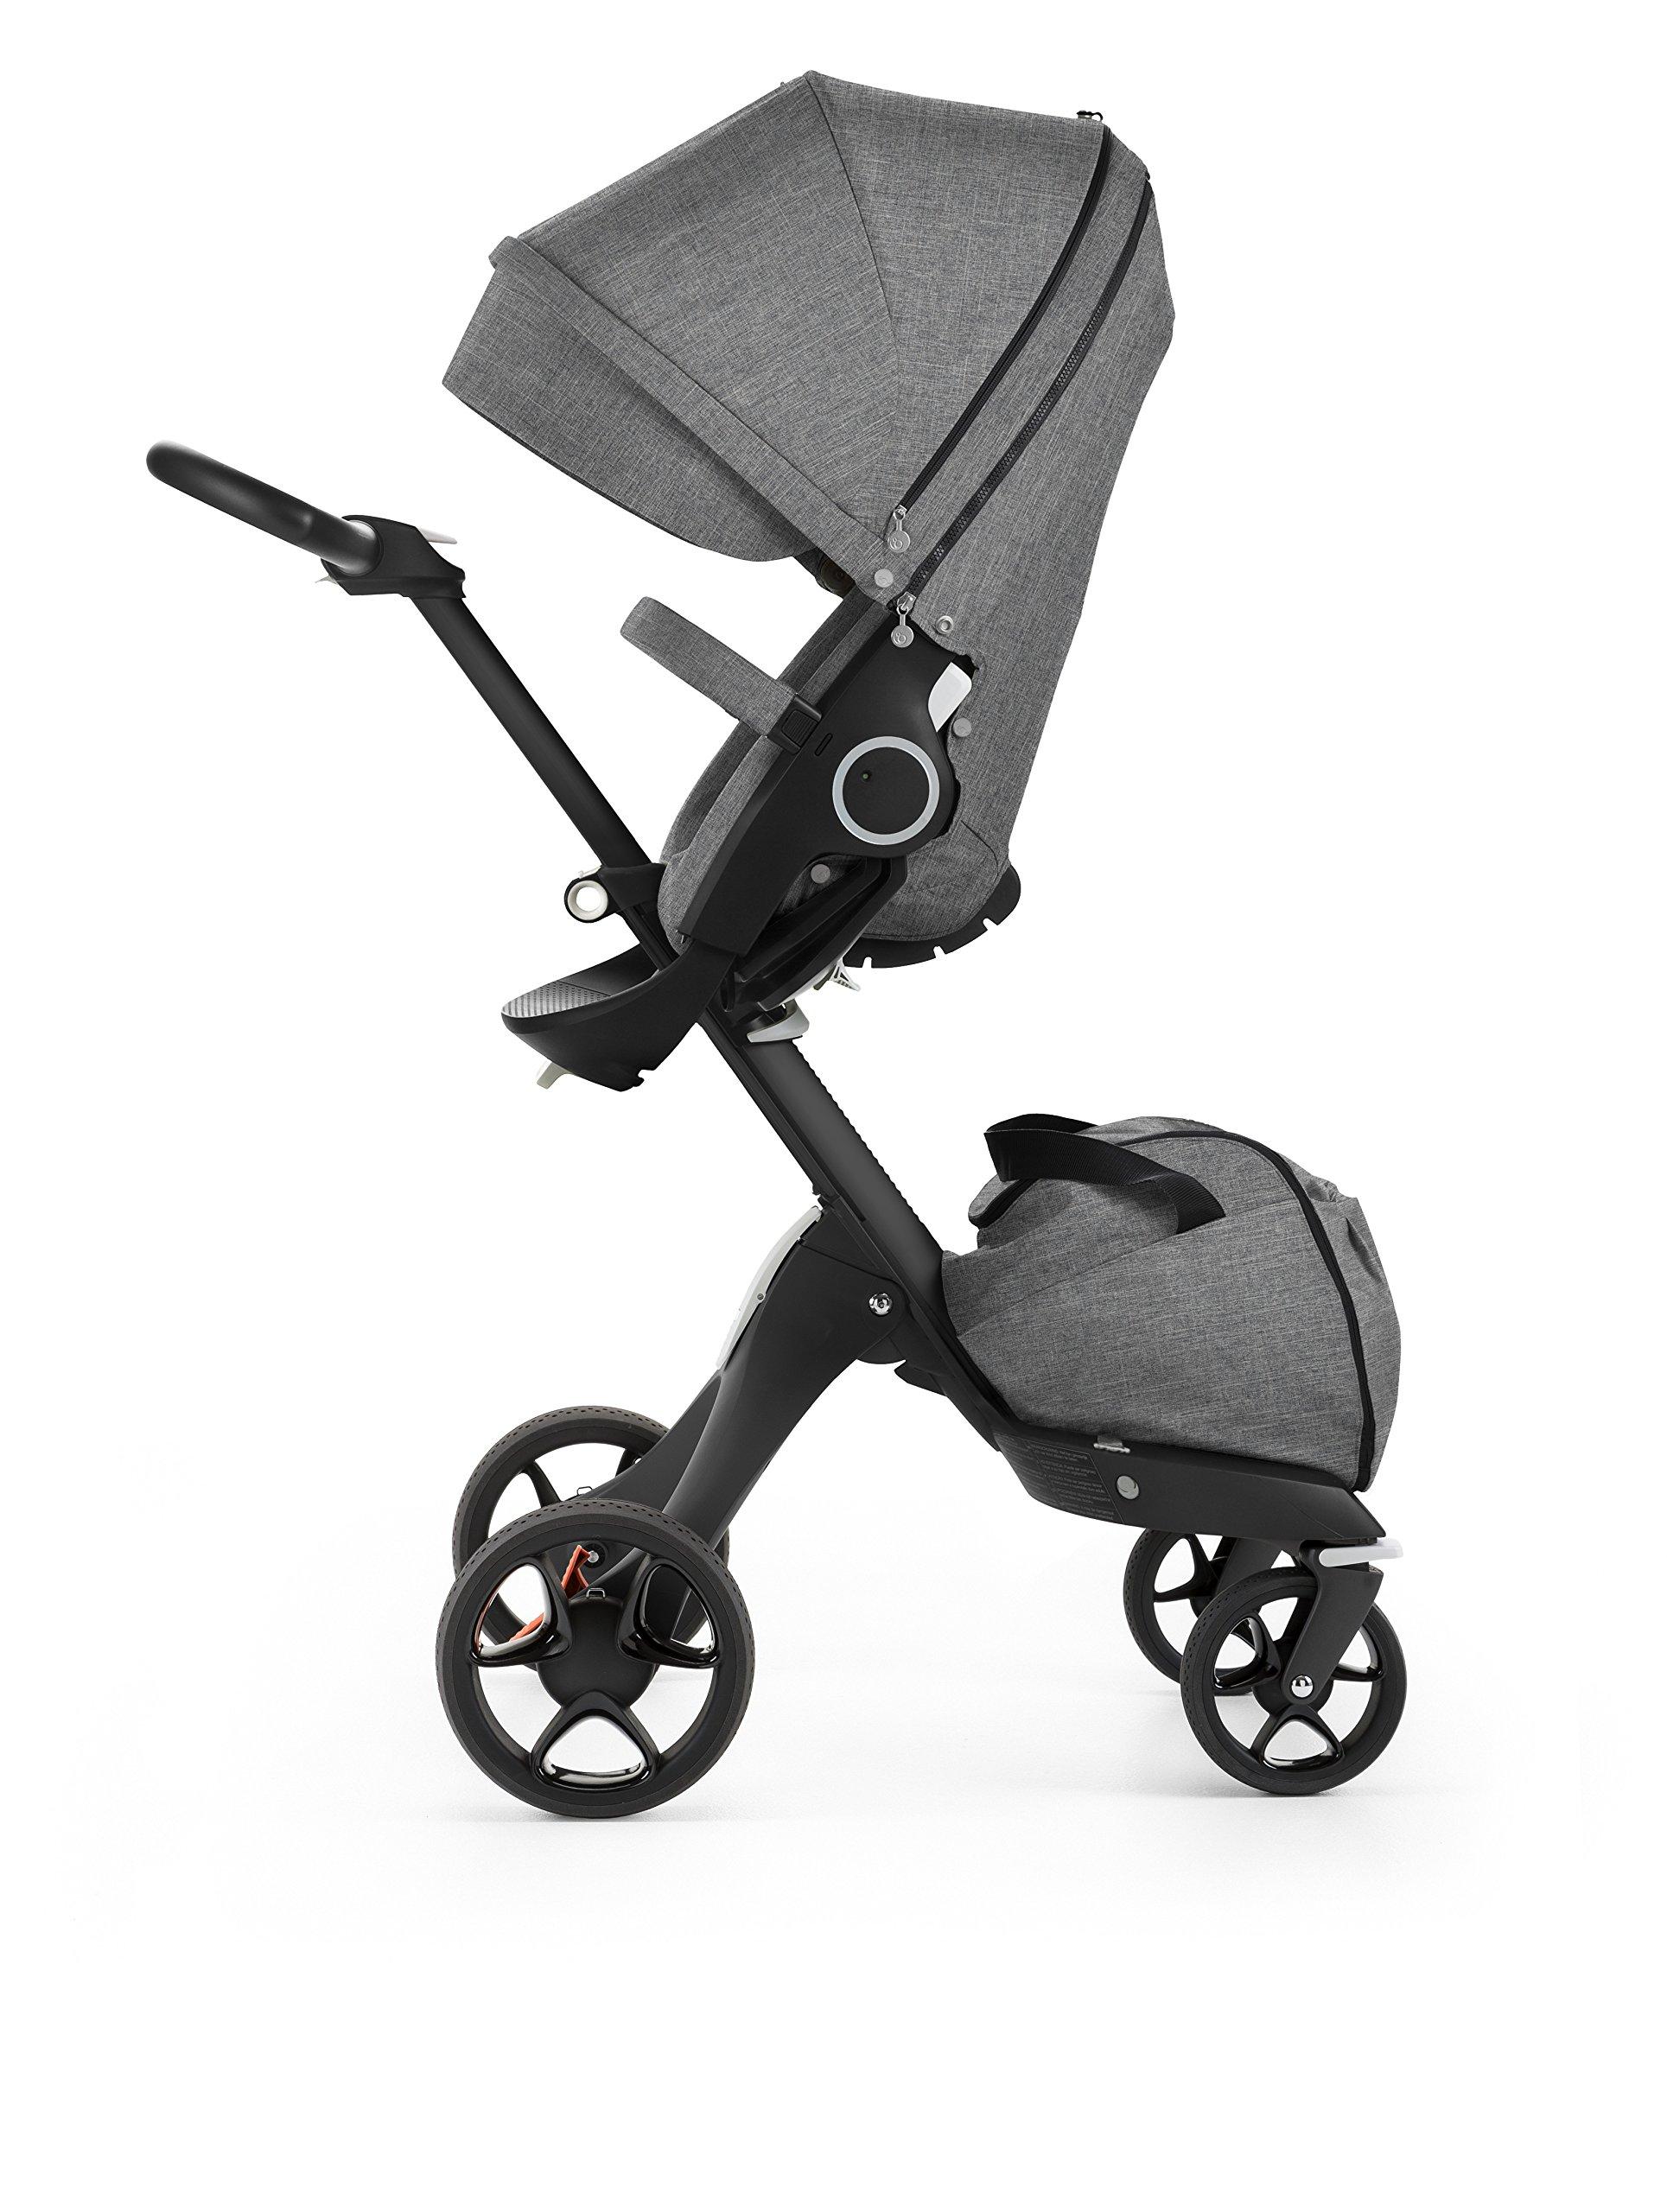 Stokke Black V5 / Chassis With Complete Stroller Seat, Parasol and Cup Holder, Black Melange by Stokke (Image #2)